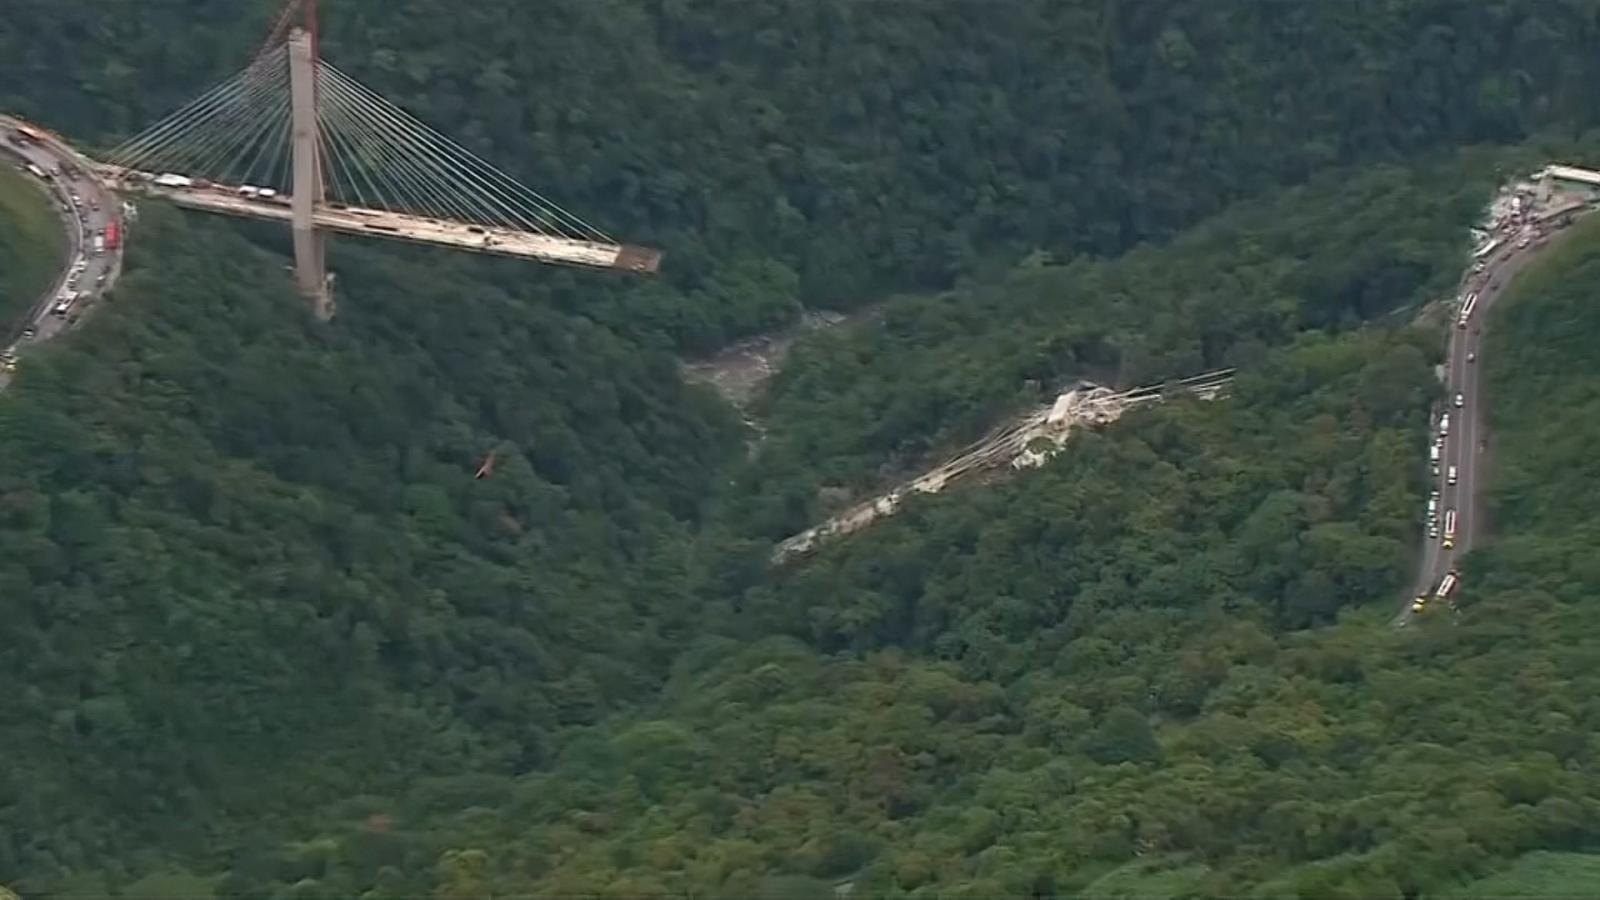 bridge-collapses-killing-at-least-nine